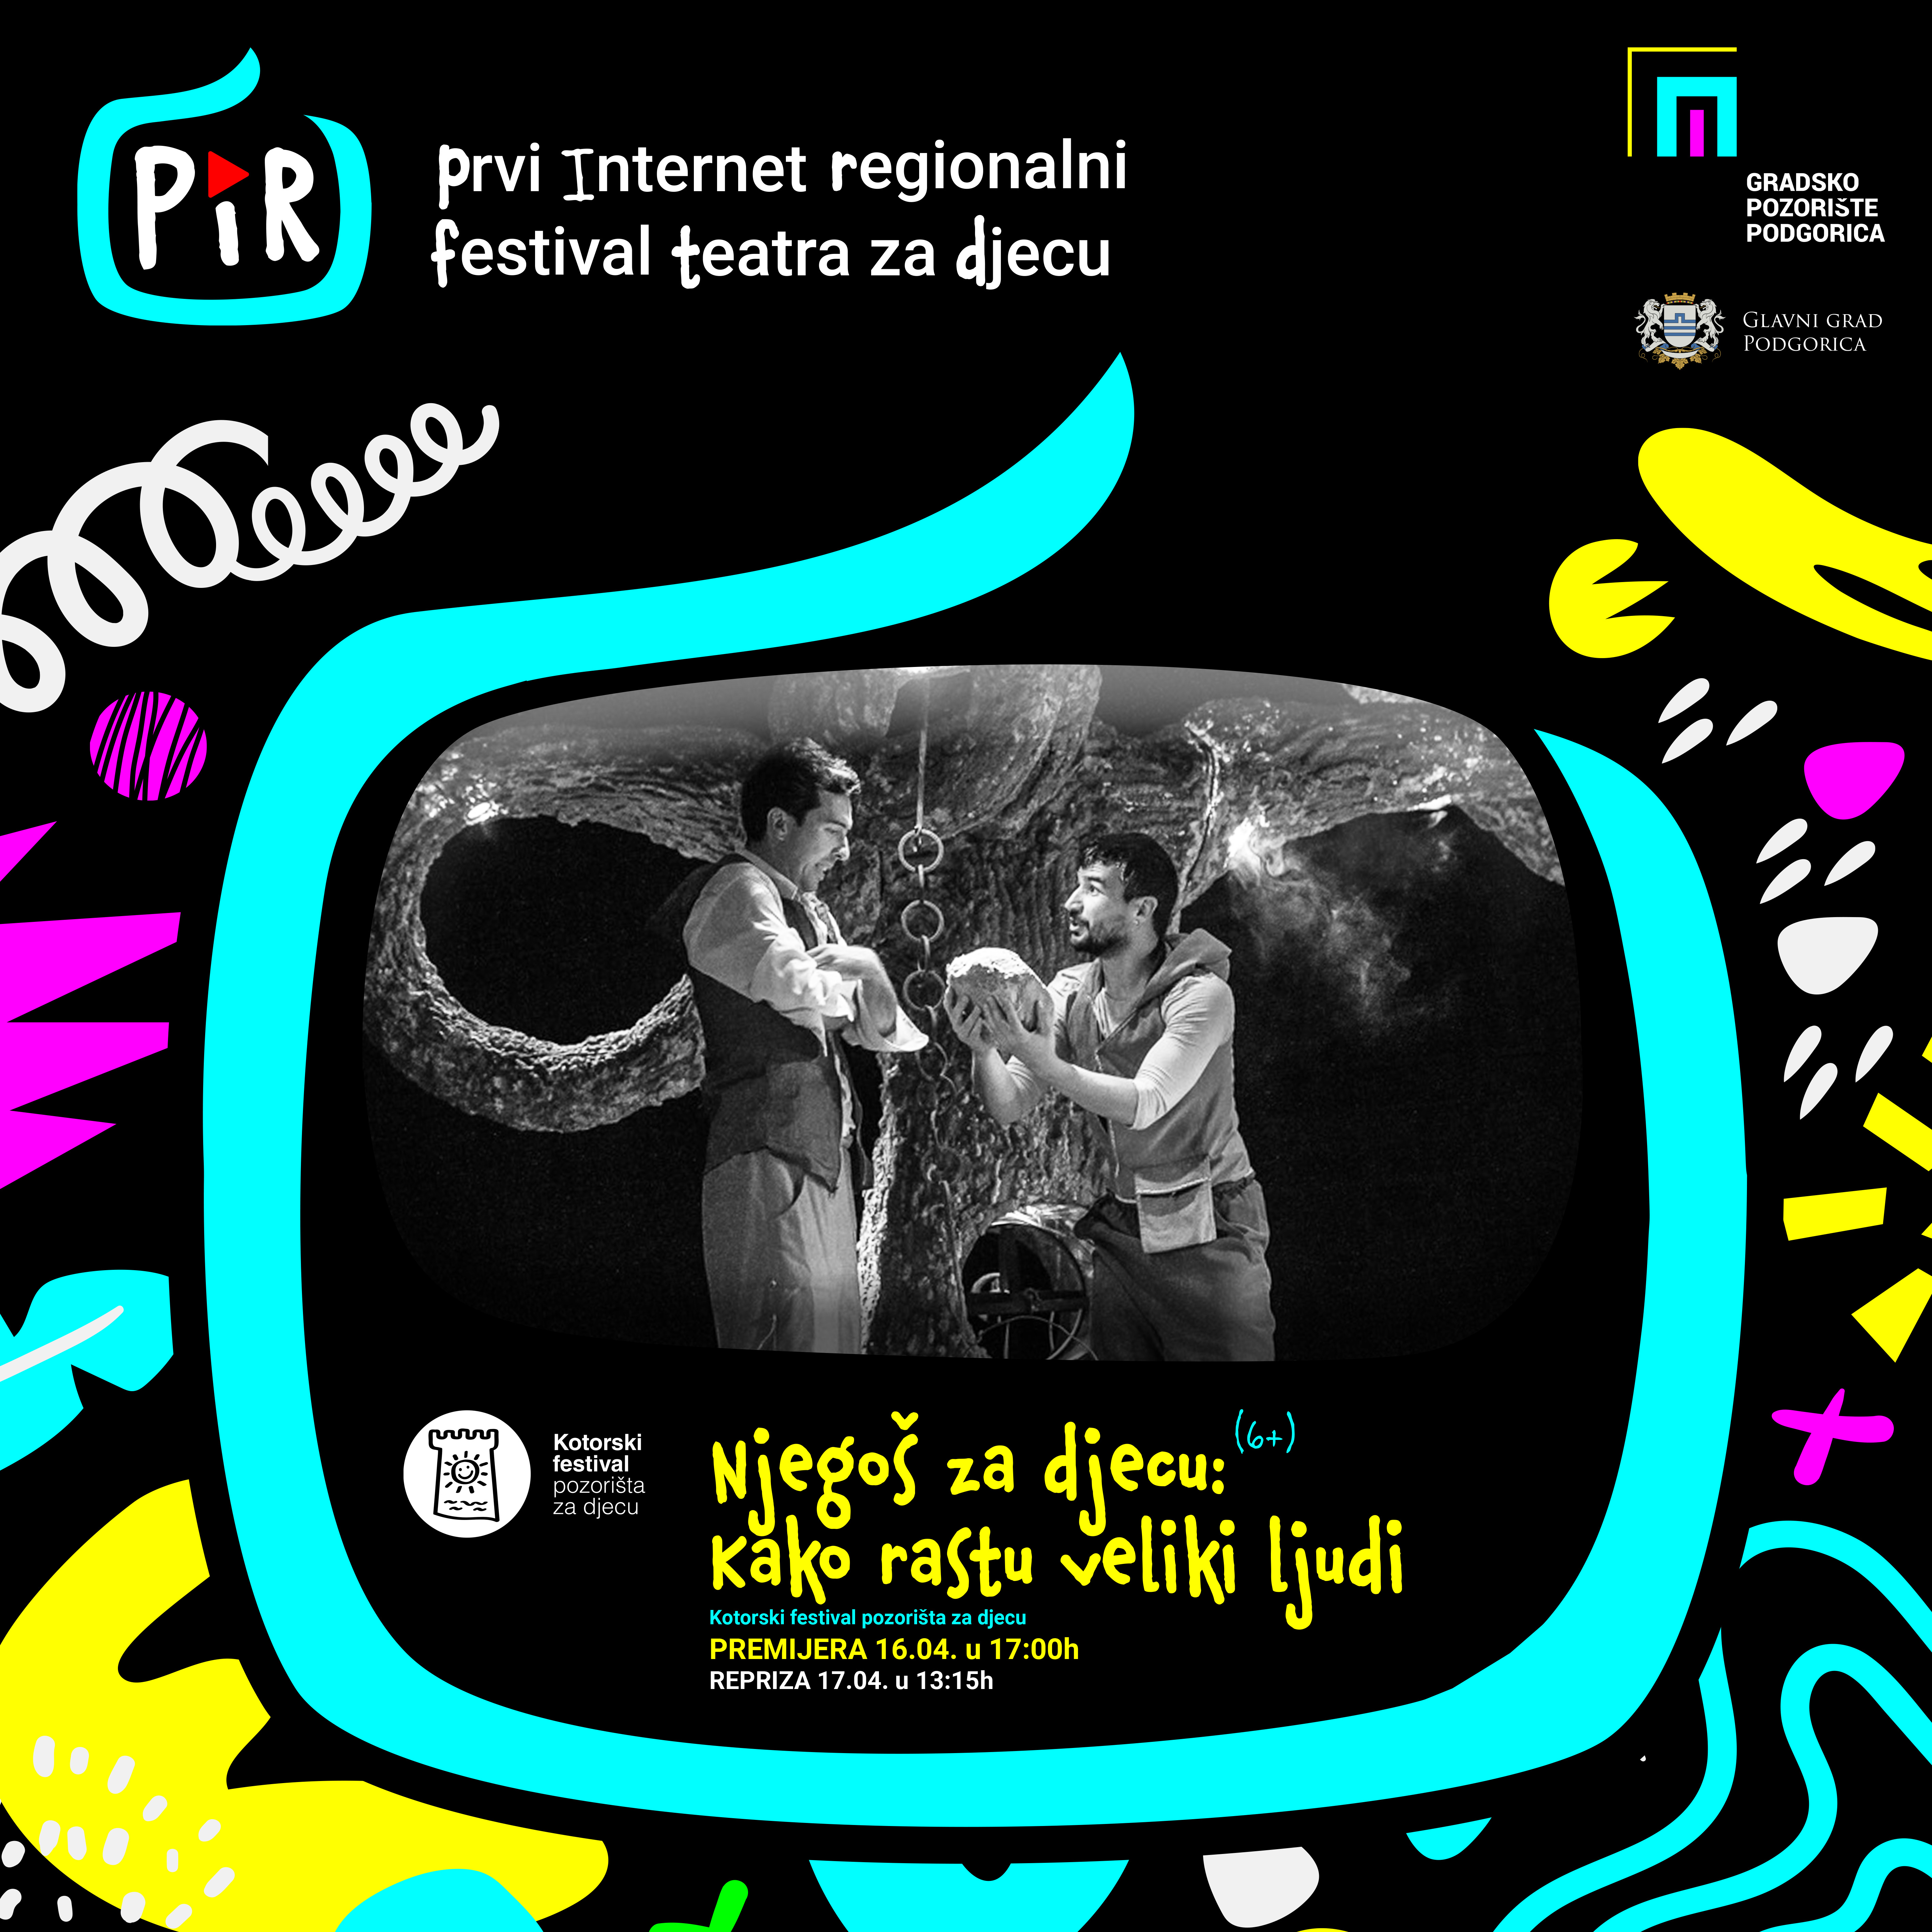 """Predstava ,,Njegoš za djecu: Kako rastu veliki ljudi"""" (6+) na PIR festivalu"""